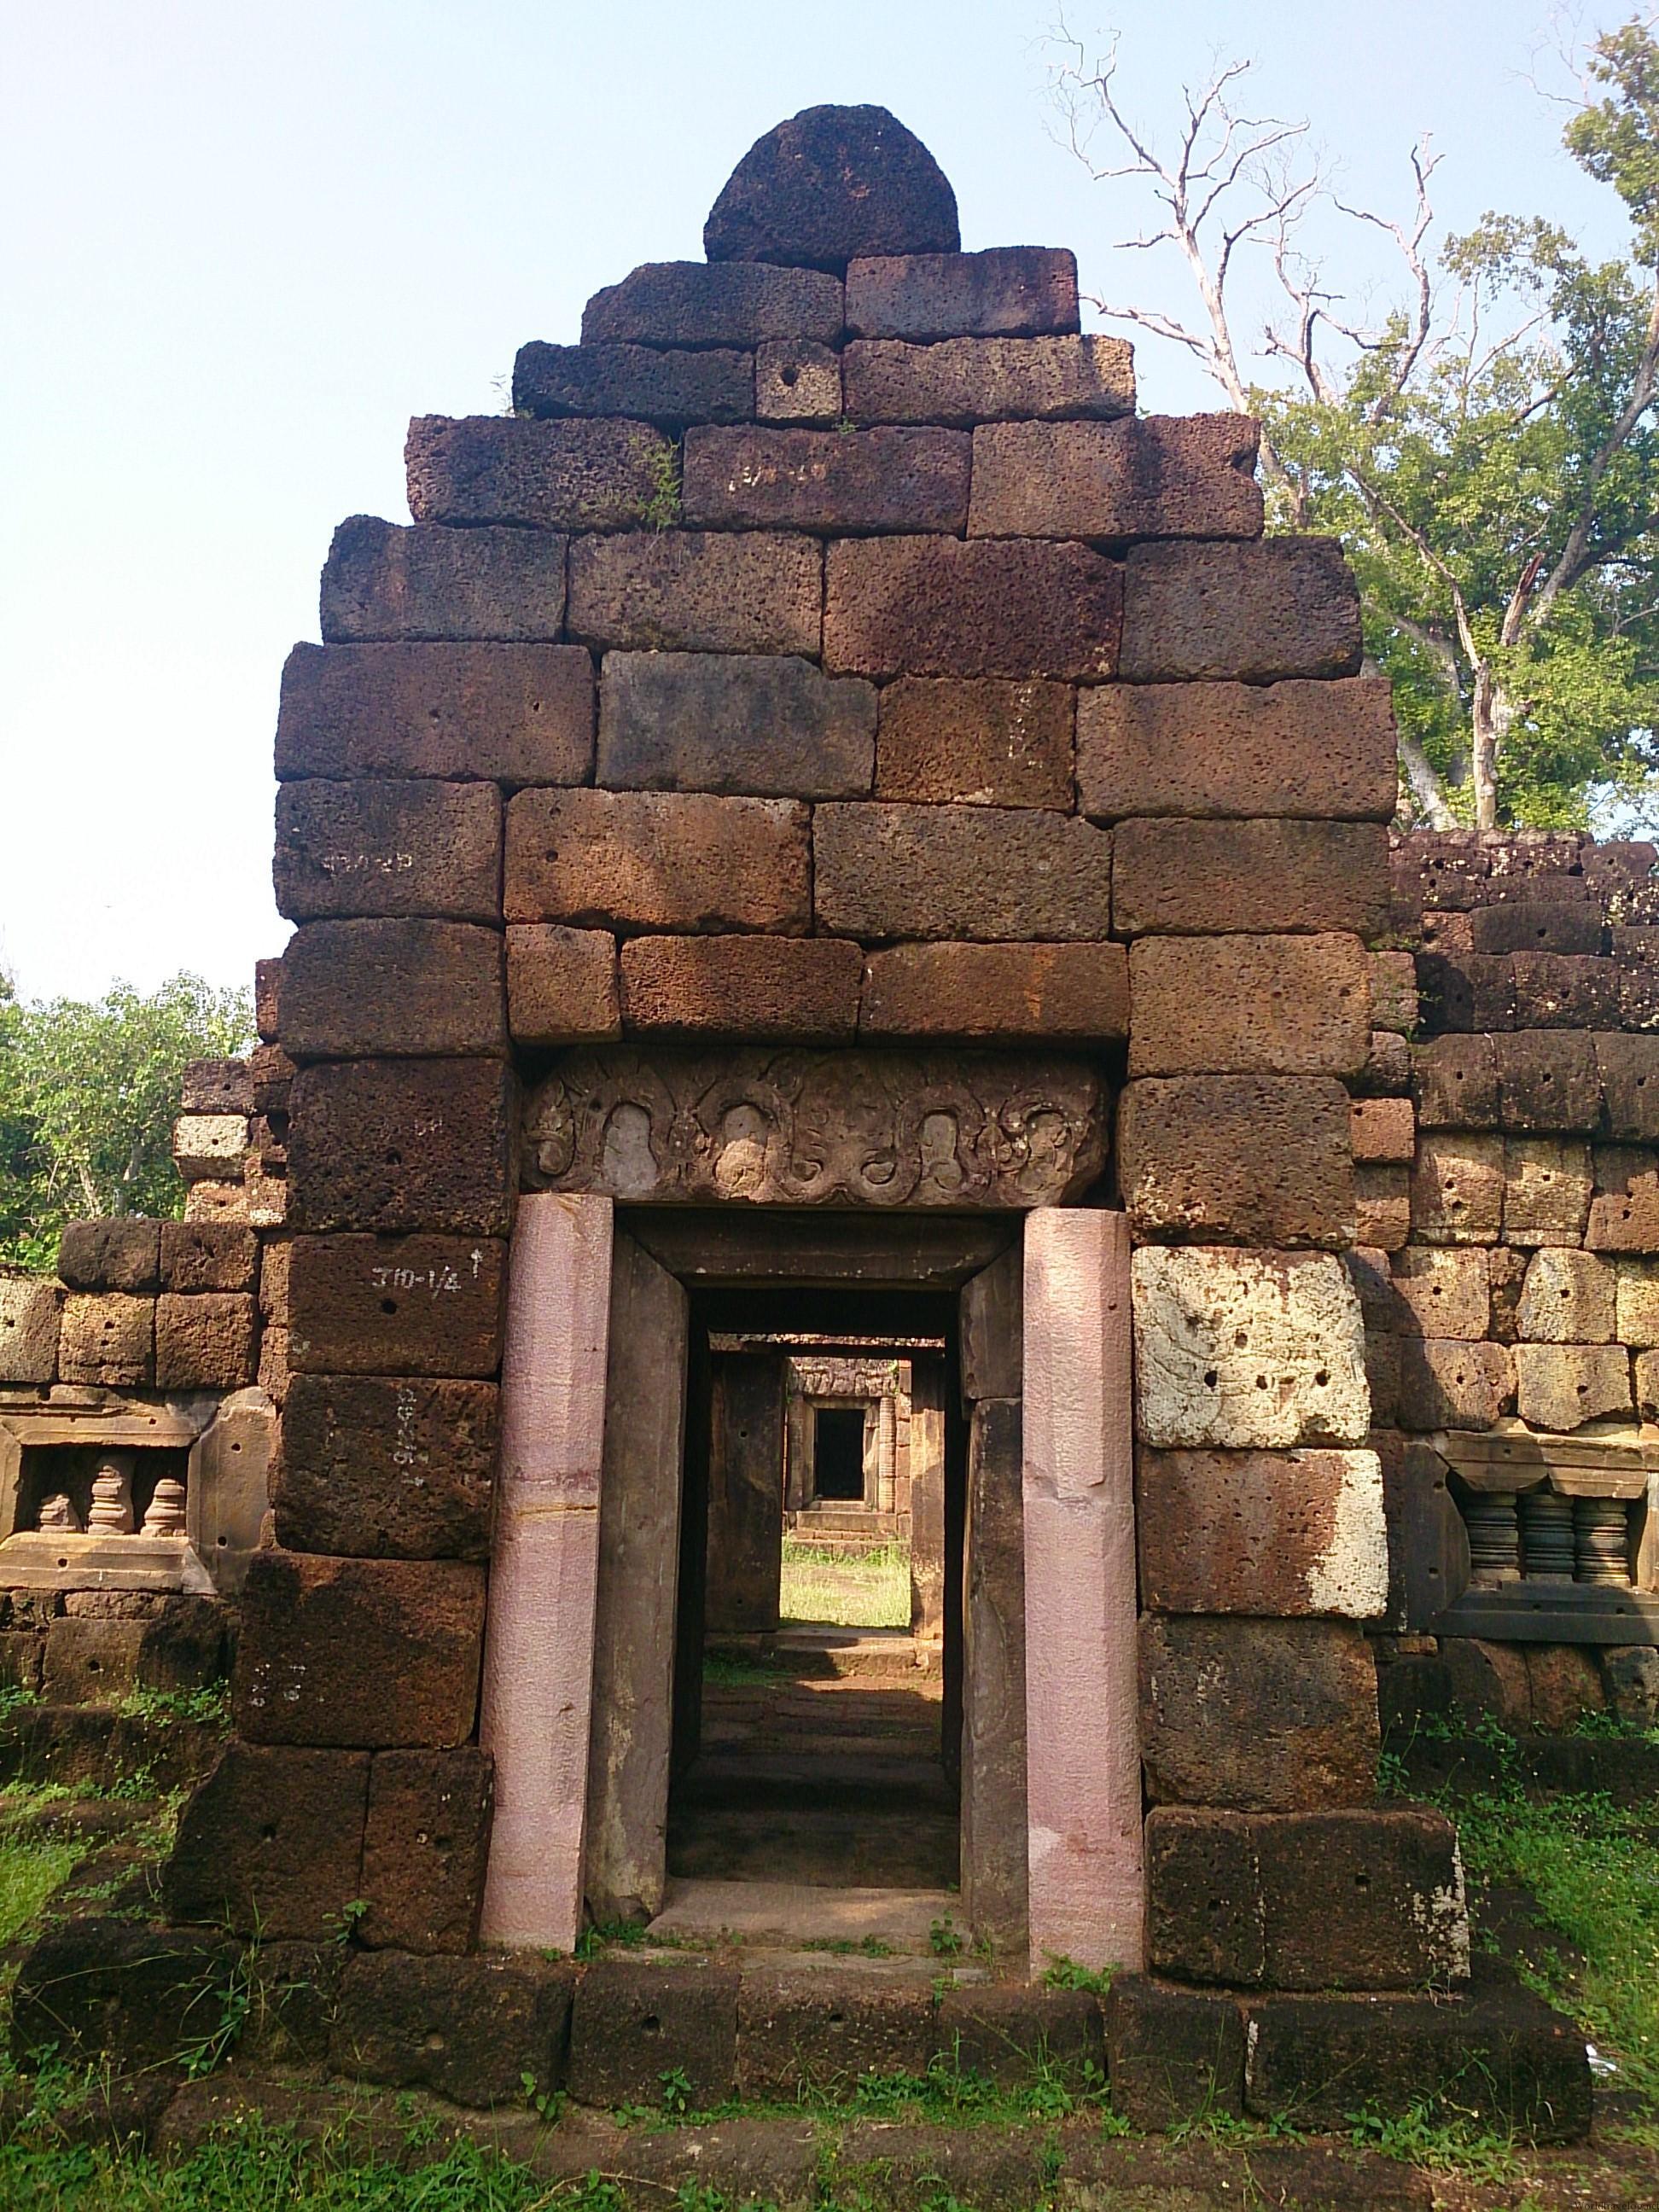 クメール最強王ジャヤバルマン7世の栄光の跡 サ・カンペーン・ノーイ遺跡